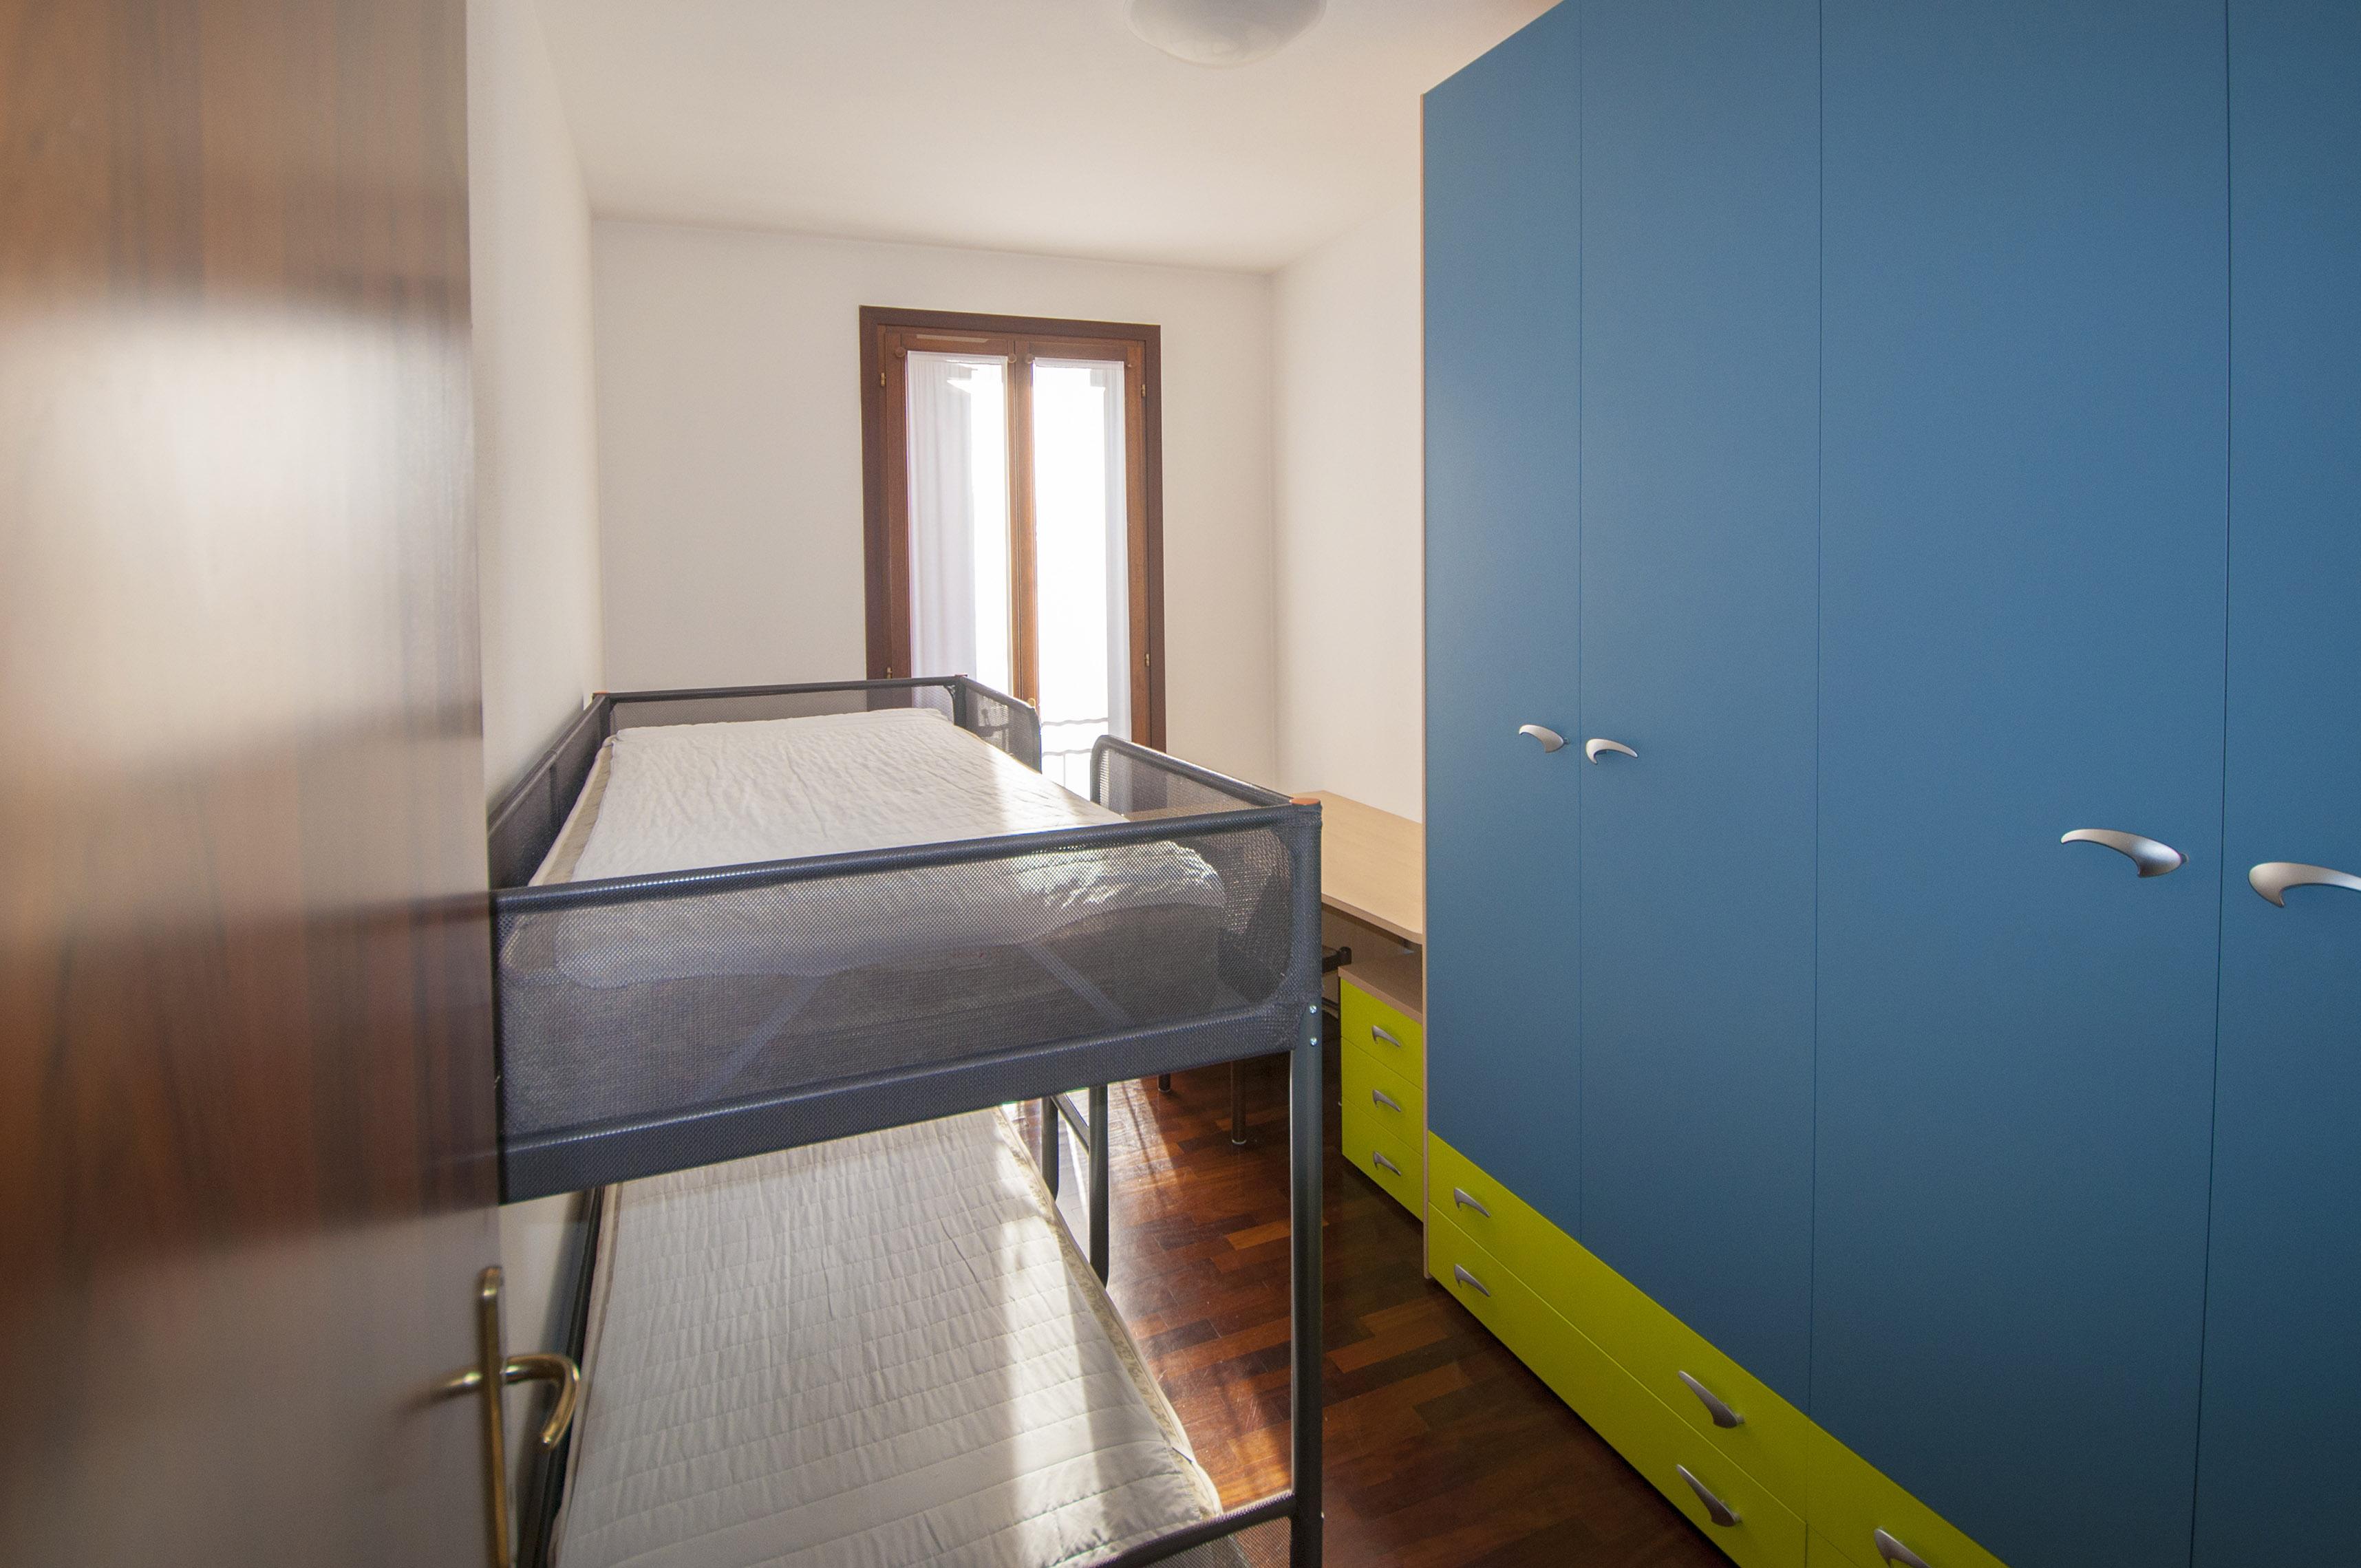 Camere-in-affitto-Villorba-Treviso-Ospedale-Stazione-Studio-Architettura-Zanatta_01